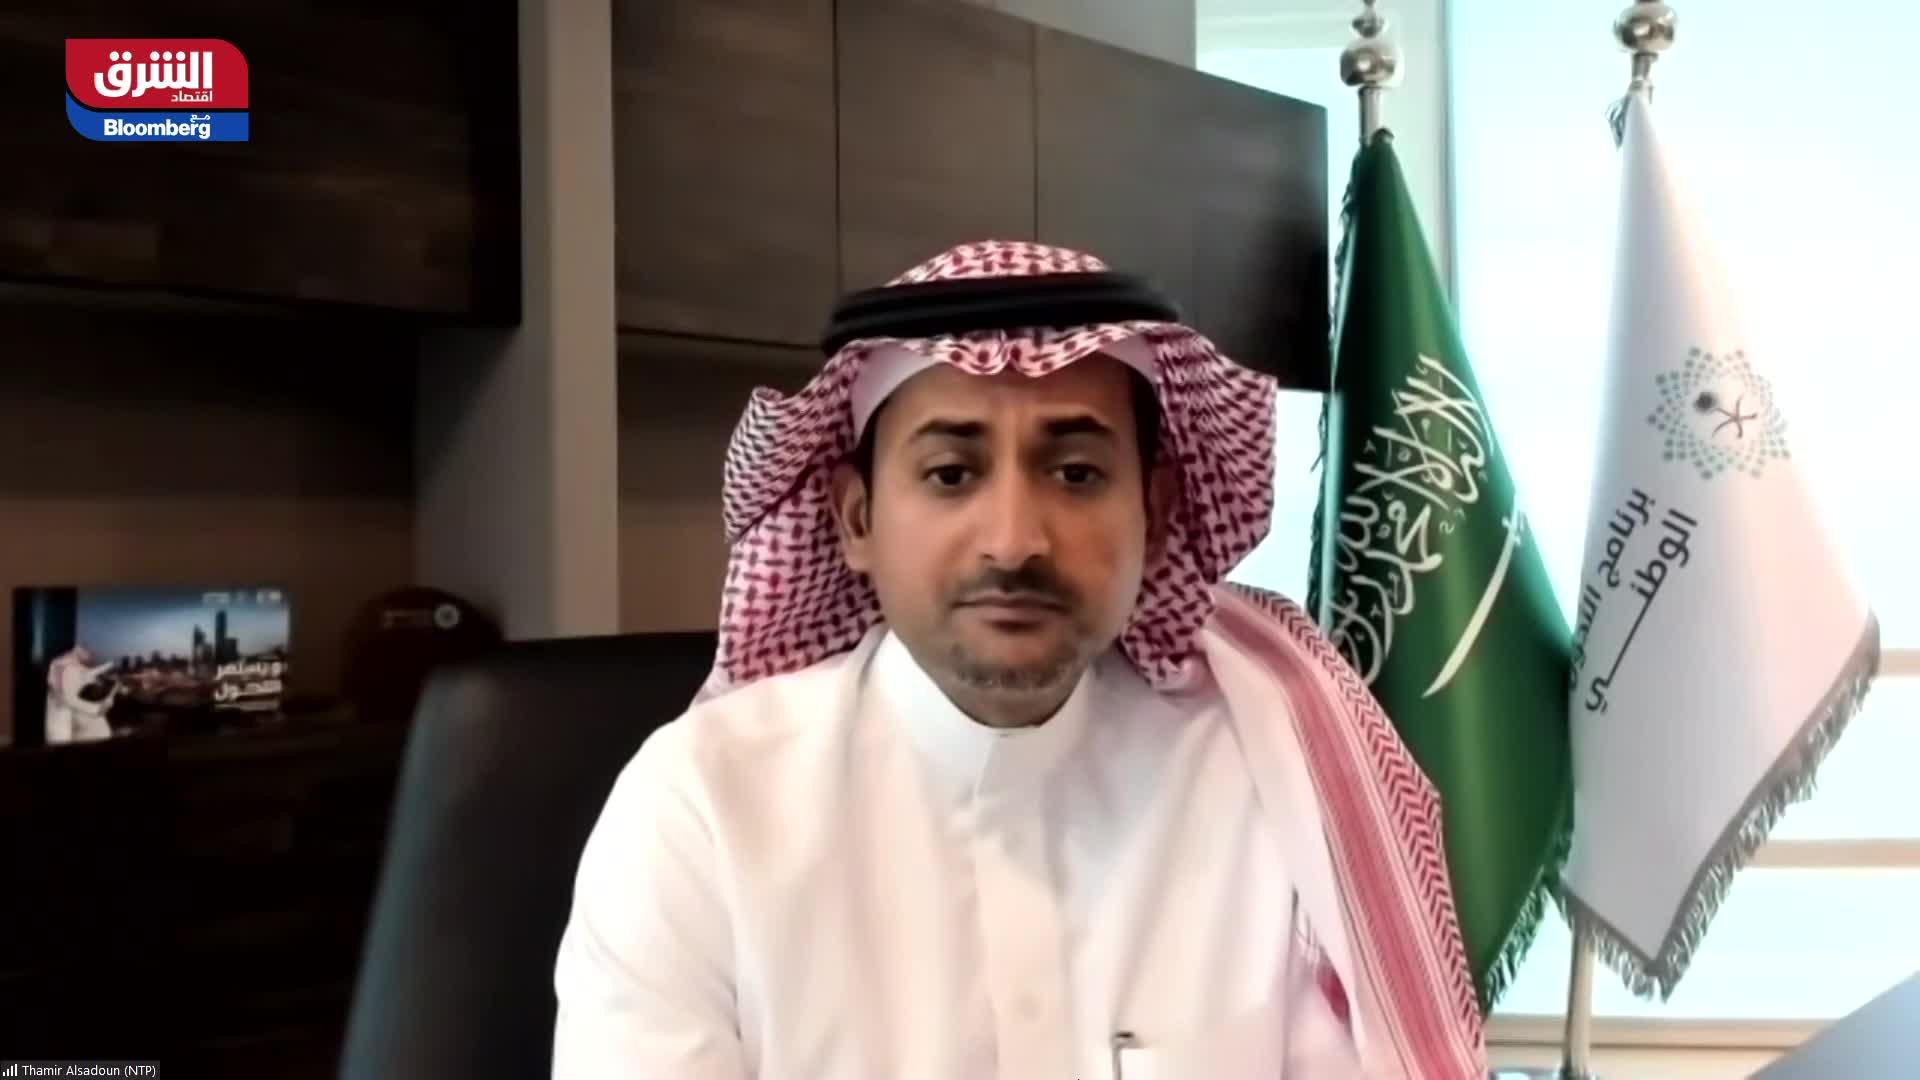 بعد تحقيقه 35% من أهدافه.. هل بإمكان برنامج التحول الوطني في السعودية تحقيق الـ65% المتبقية قبل 2025؟